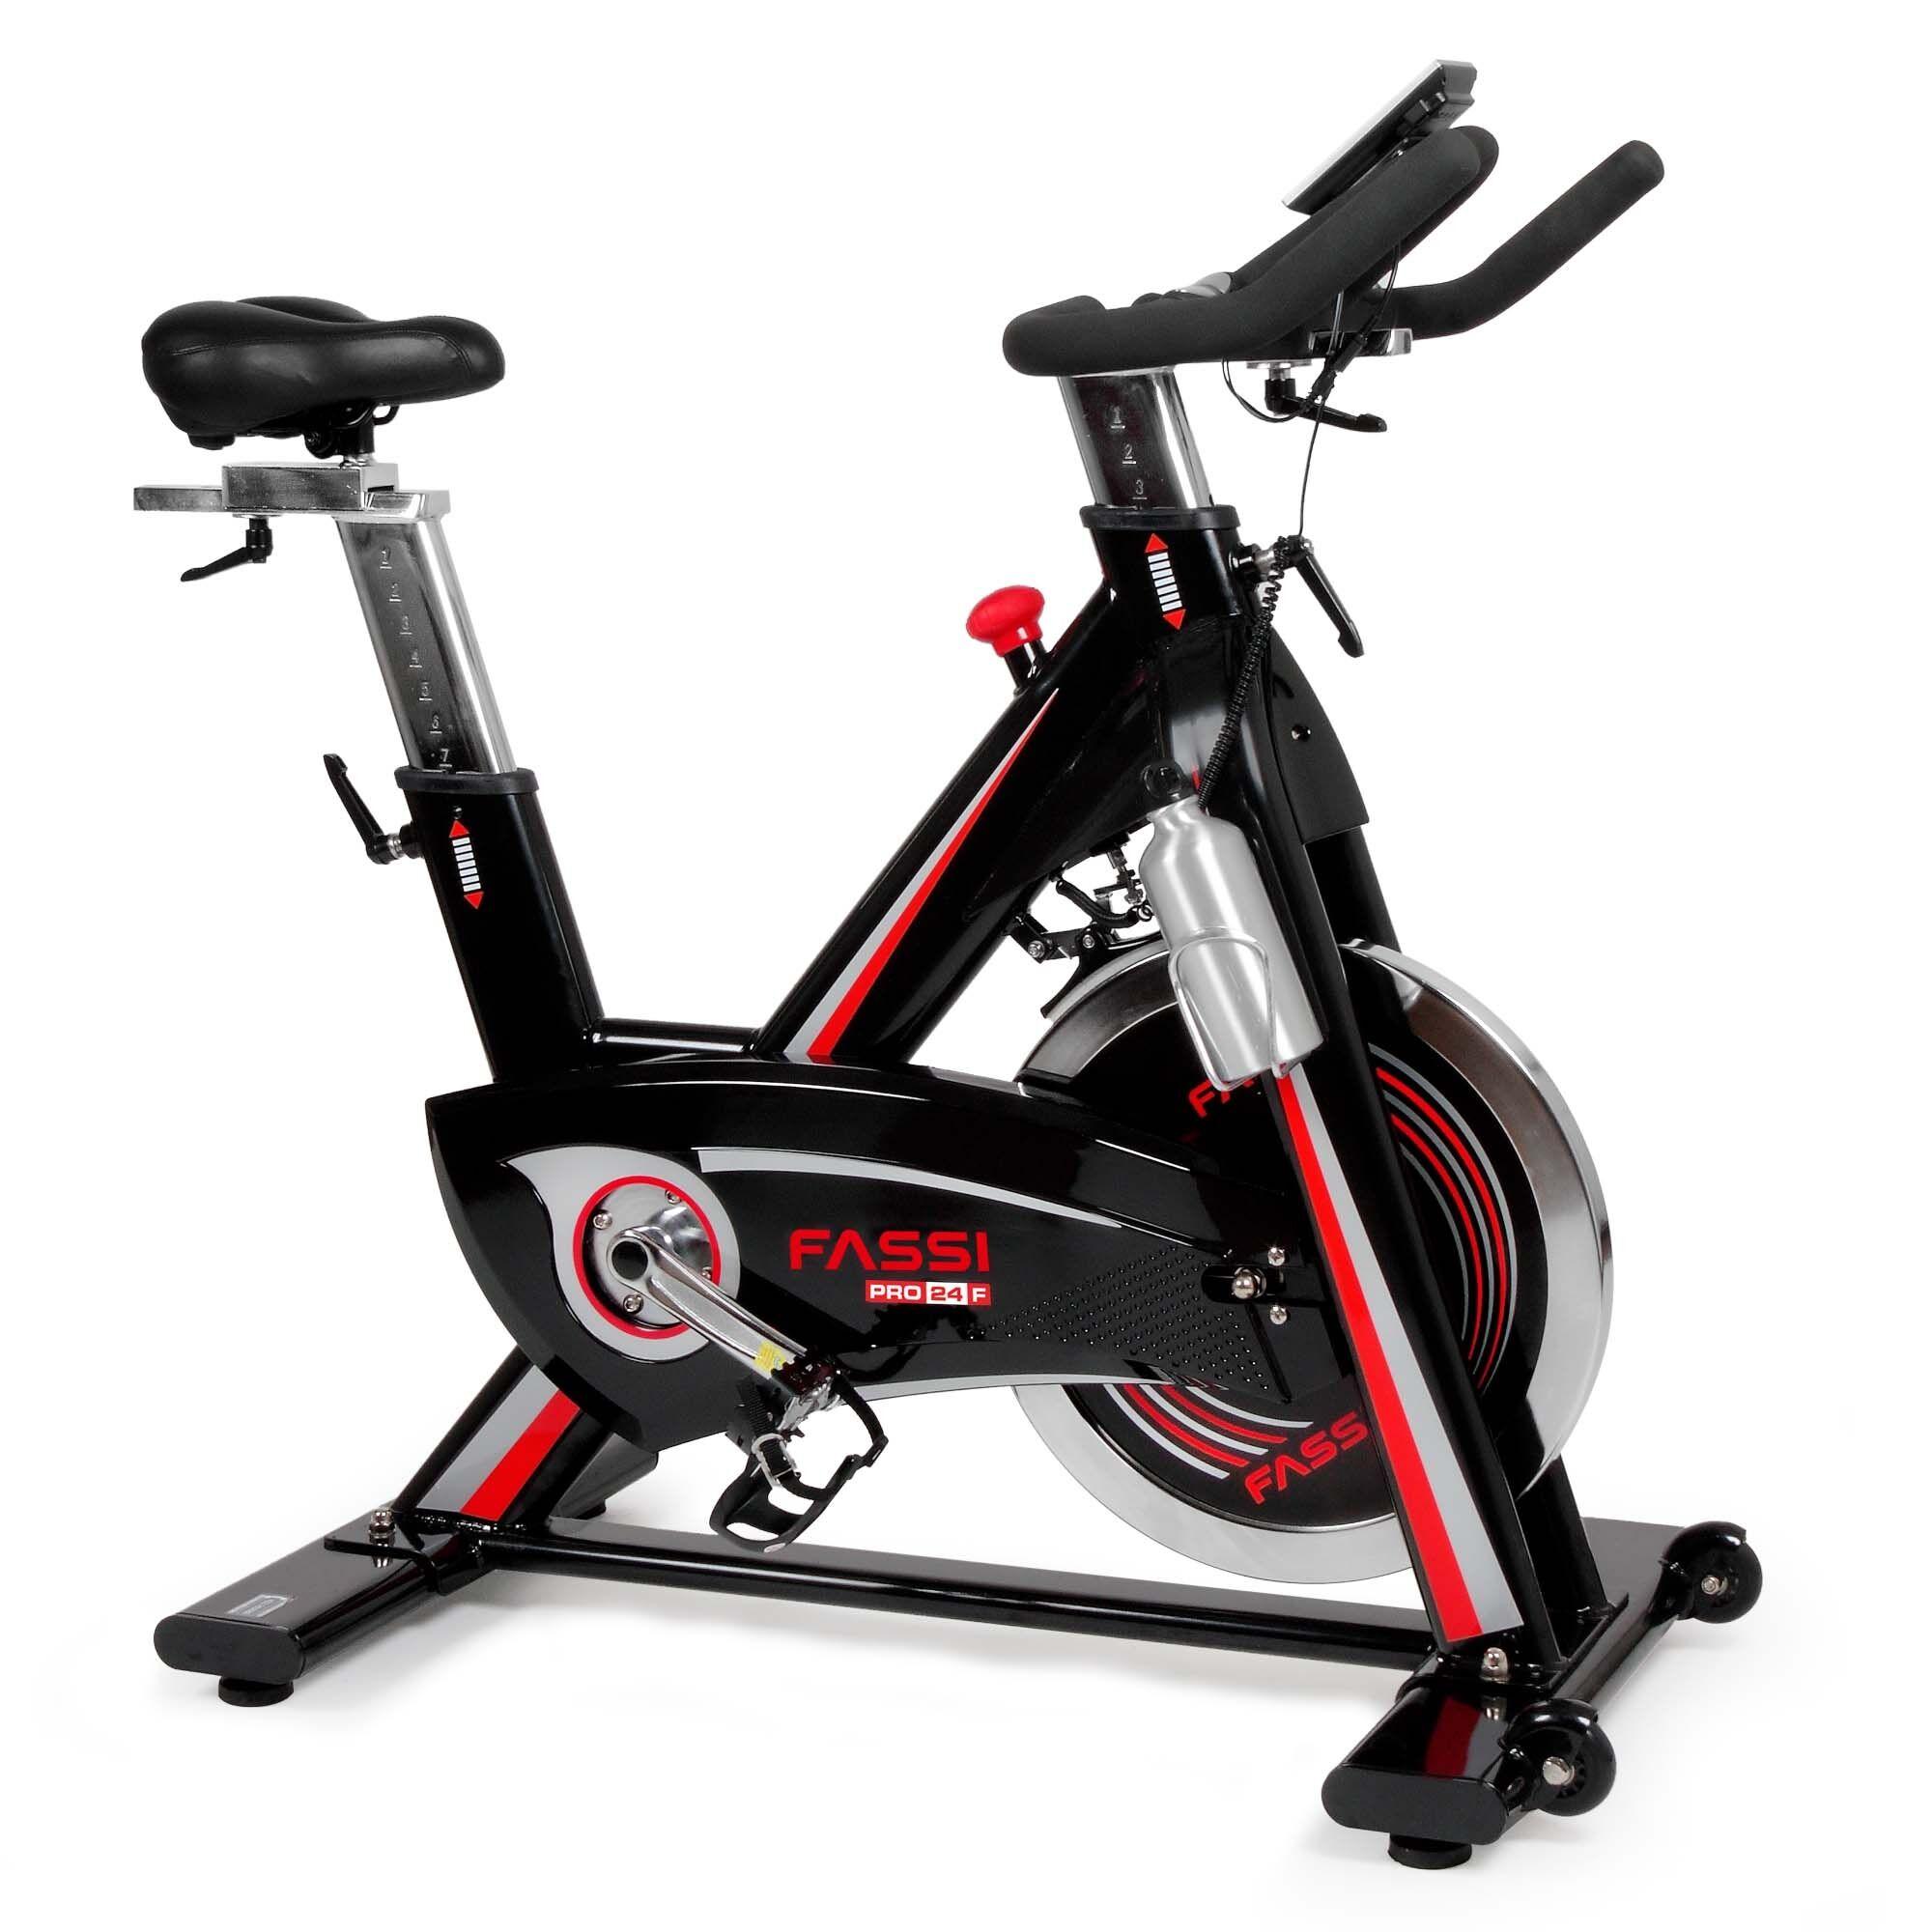 fassi fit bike pro 24 f rigenerata